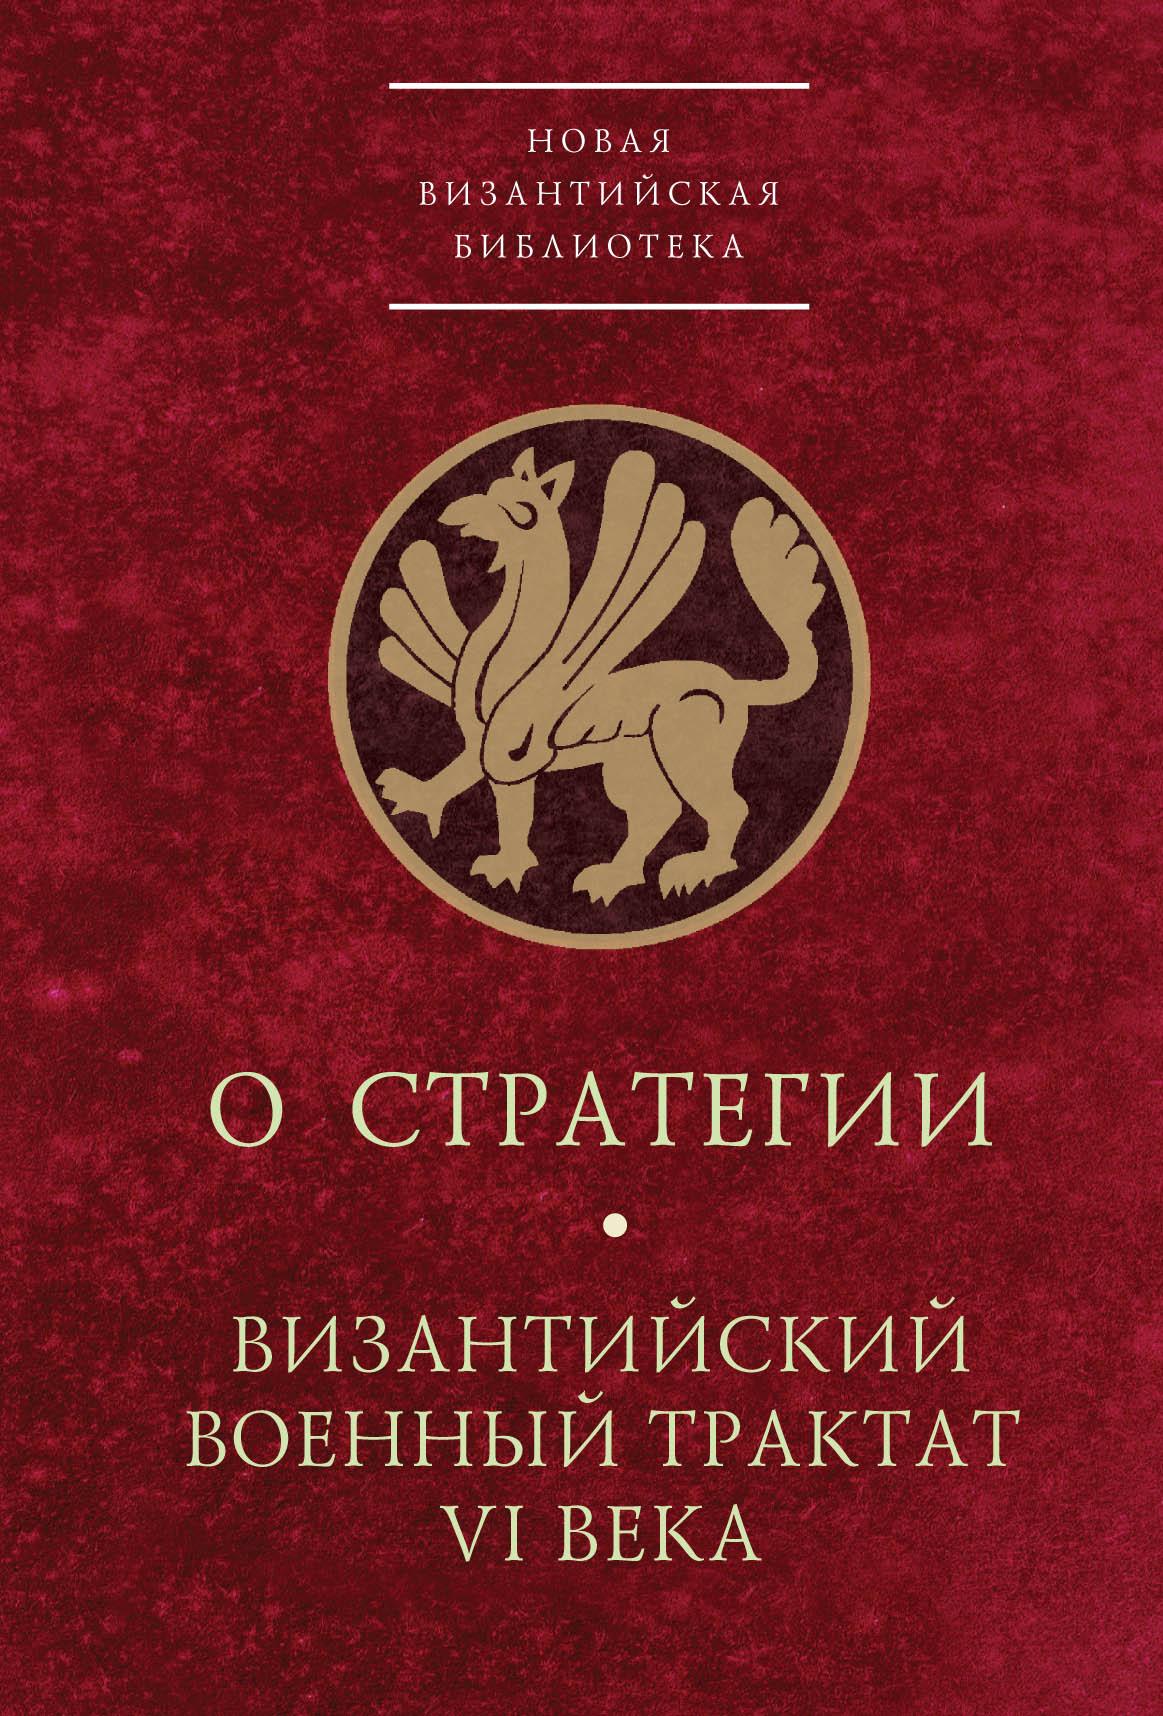 О стратегии. Византийский военный трактат VI века ( Отсутствует  )